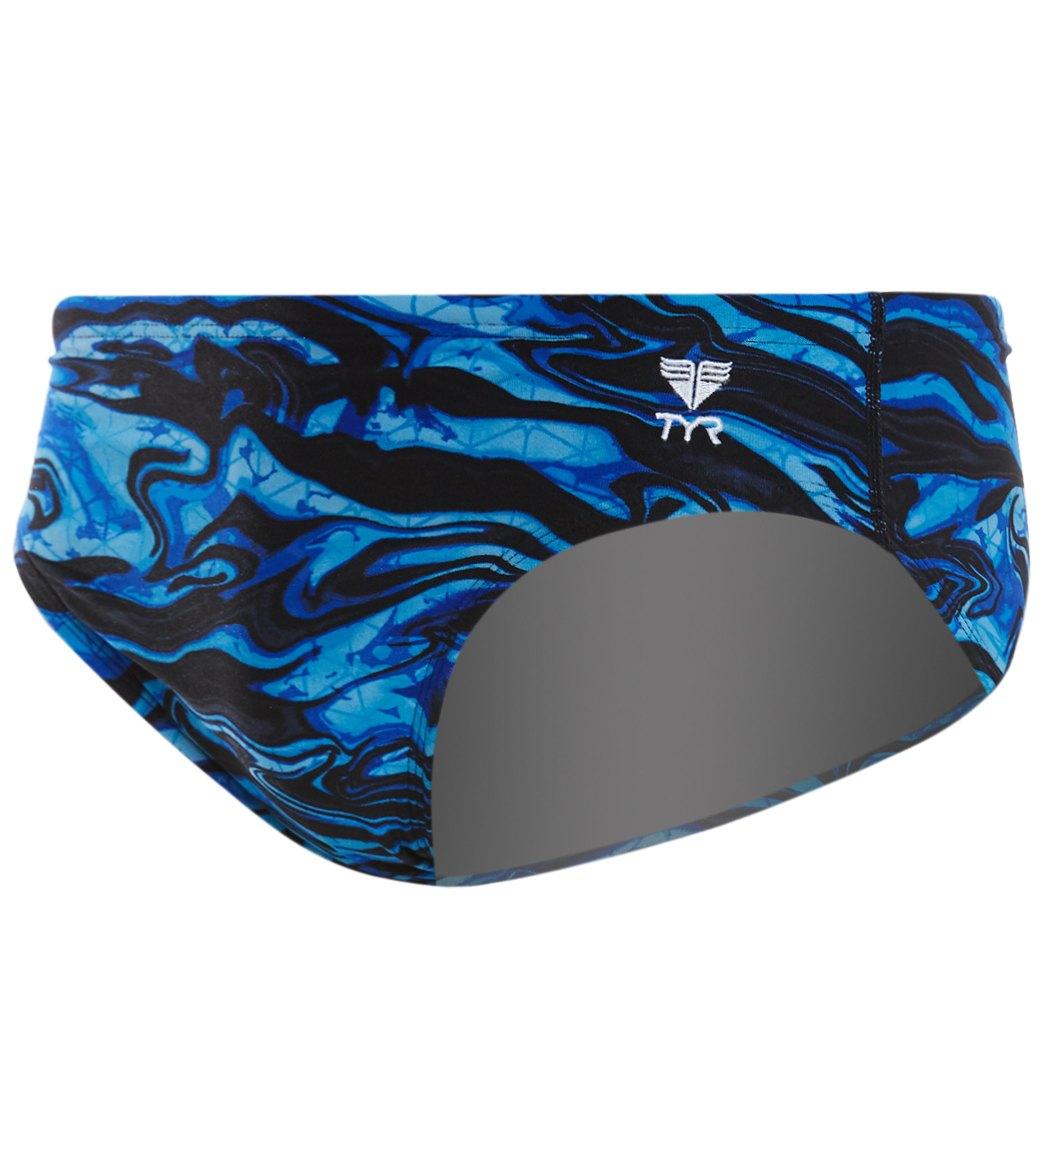 0daec0761 TYR Men's Miramar Allover Racer Swimsuit at SwimOutlet.com